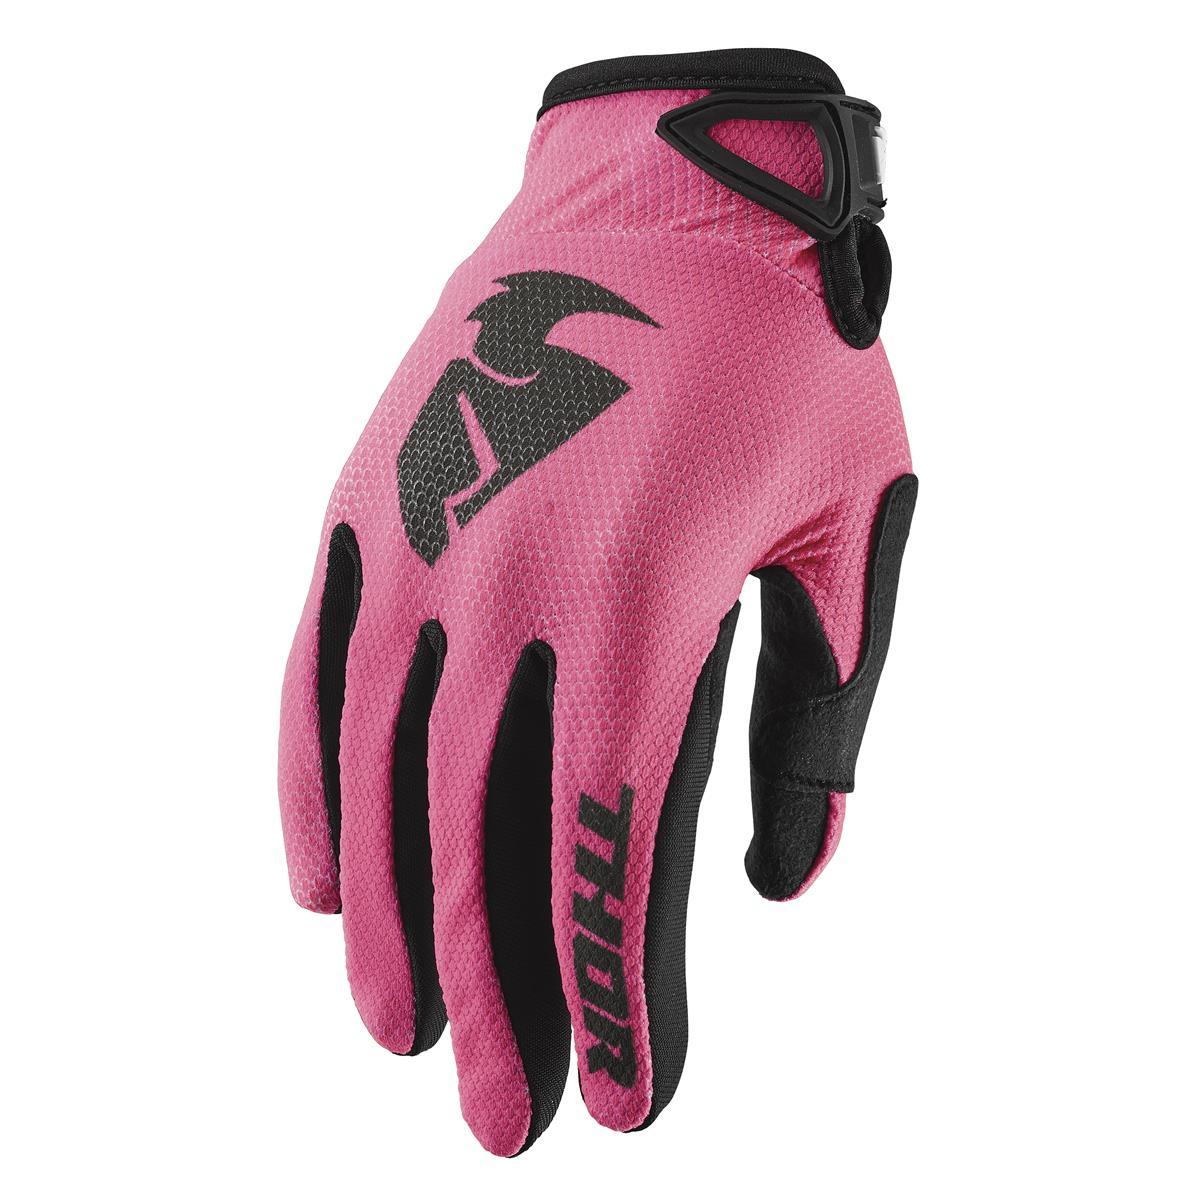 Thor Girls Handschuhe Sector Pink